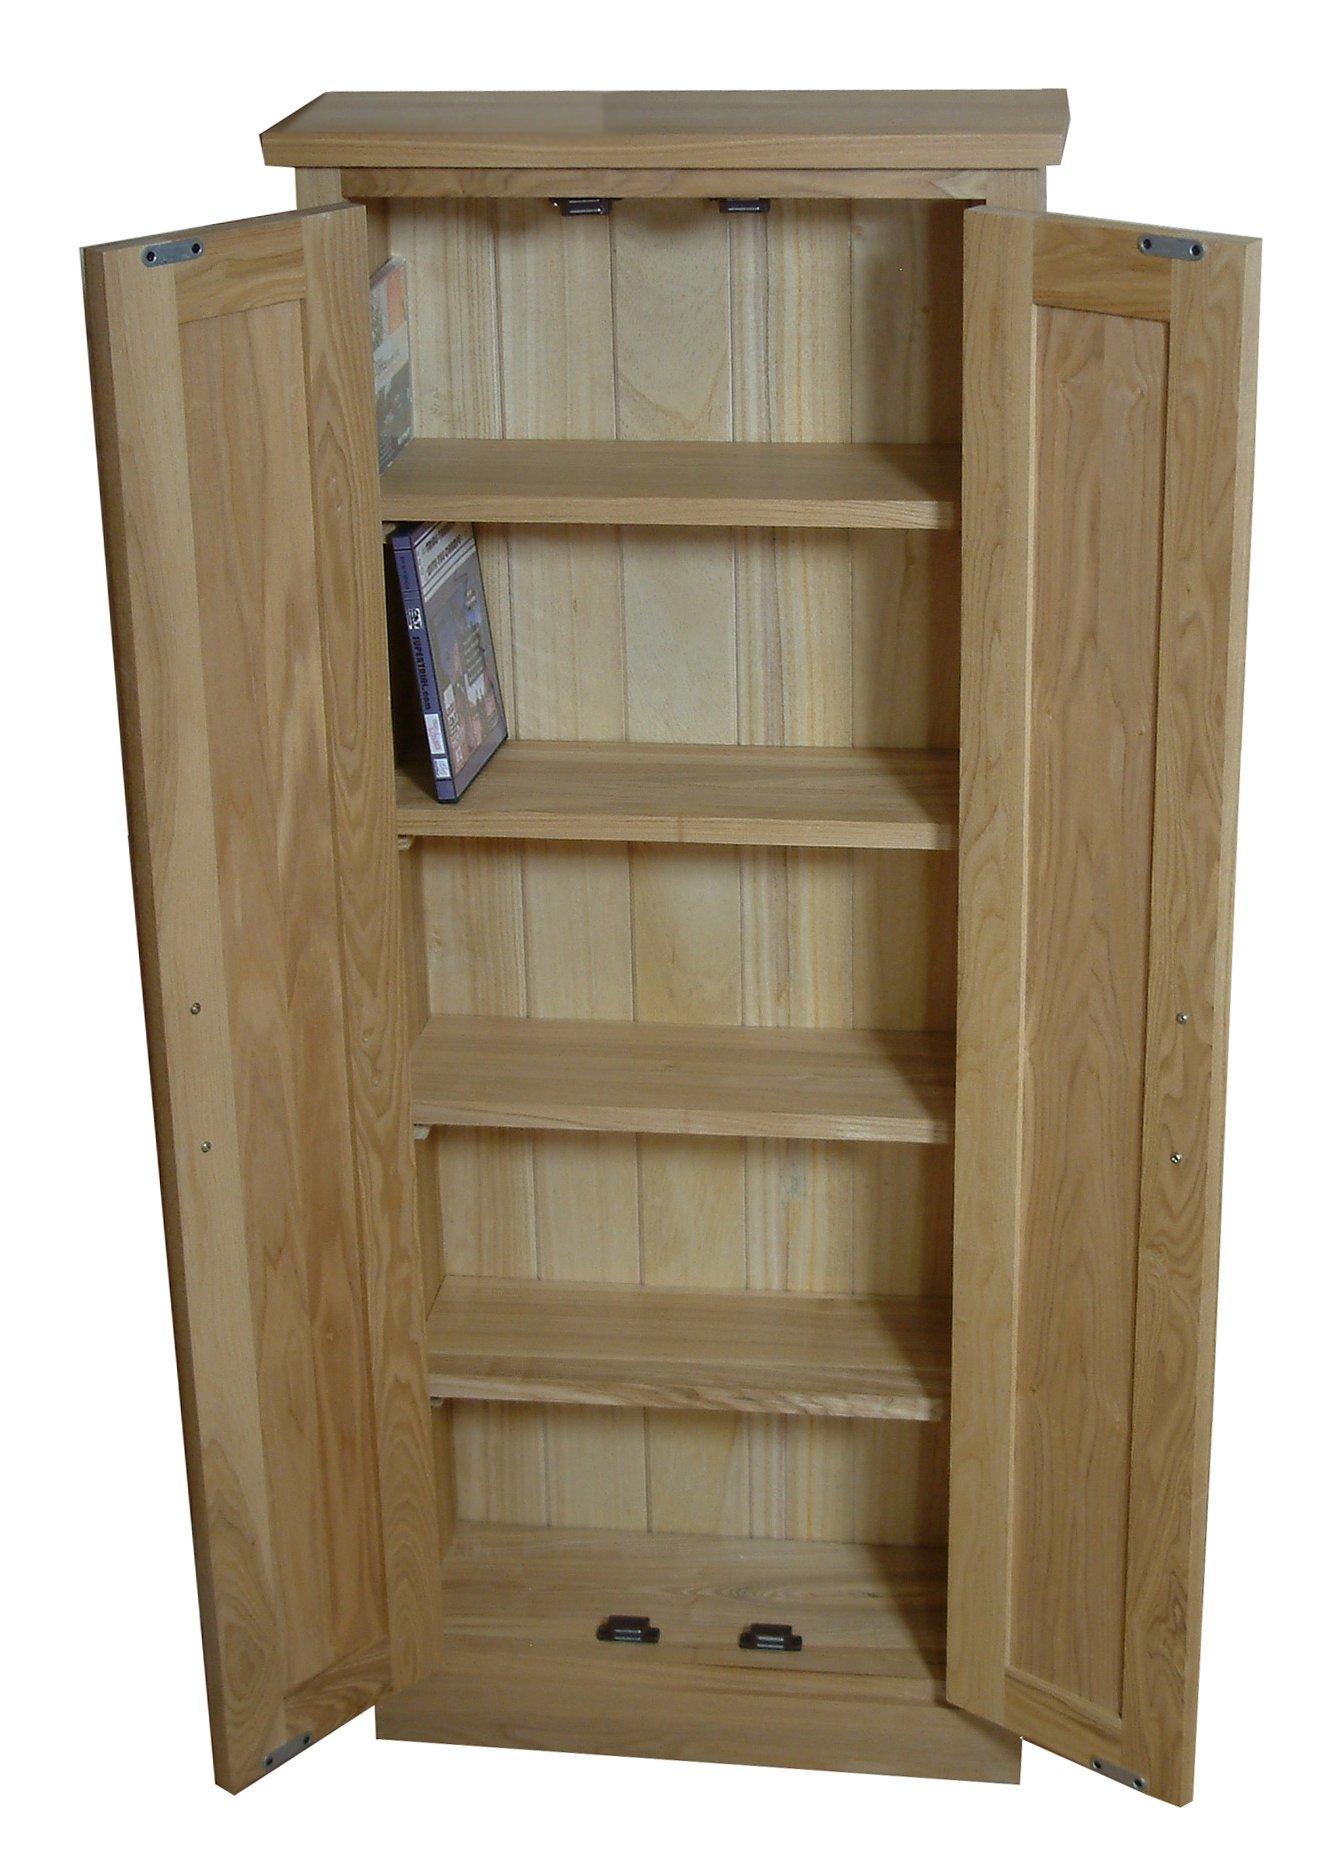 Mobel Oak CDDVD Storage Cupboard